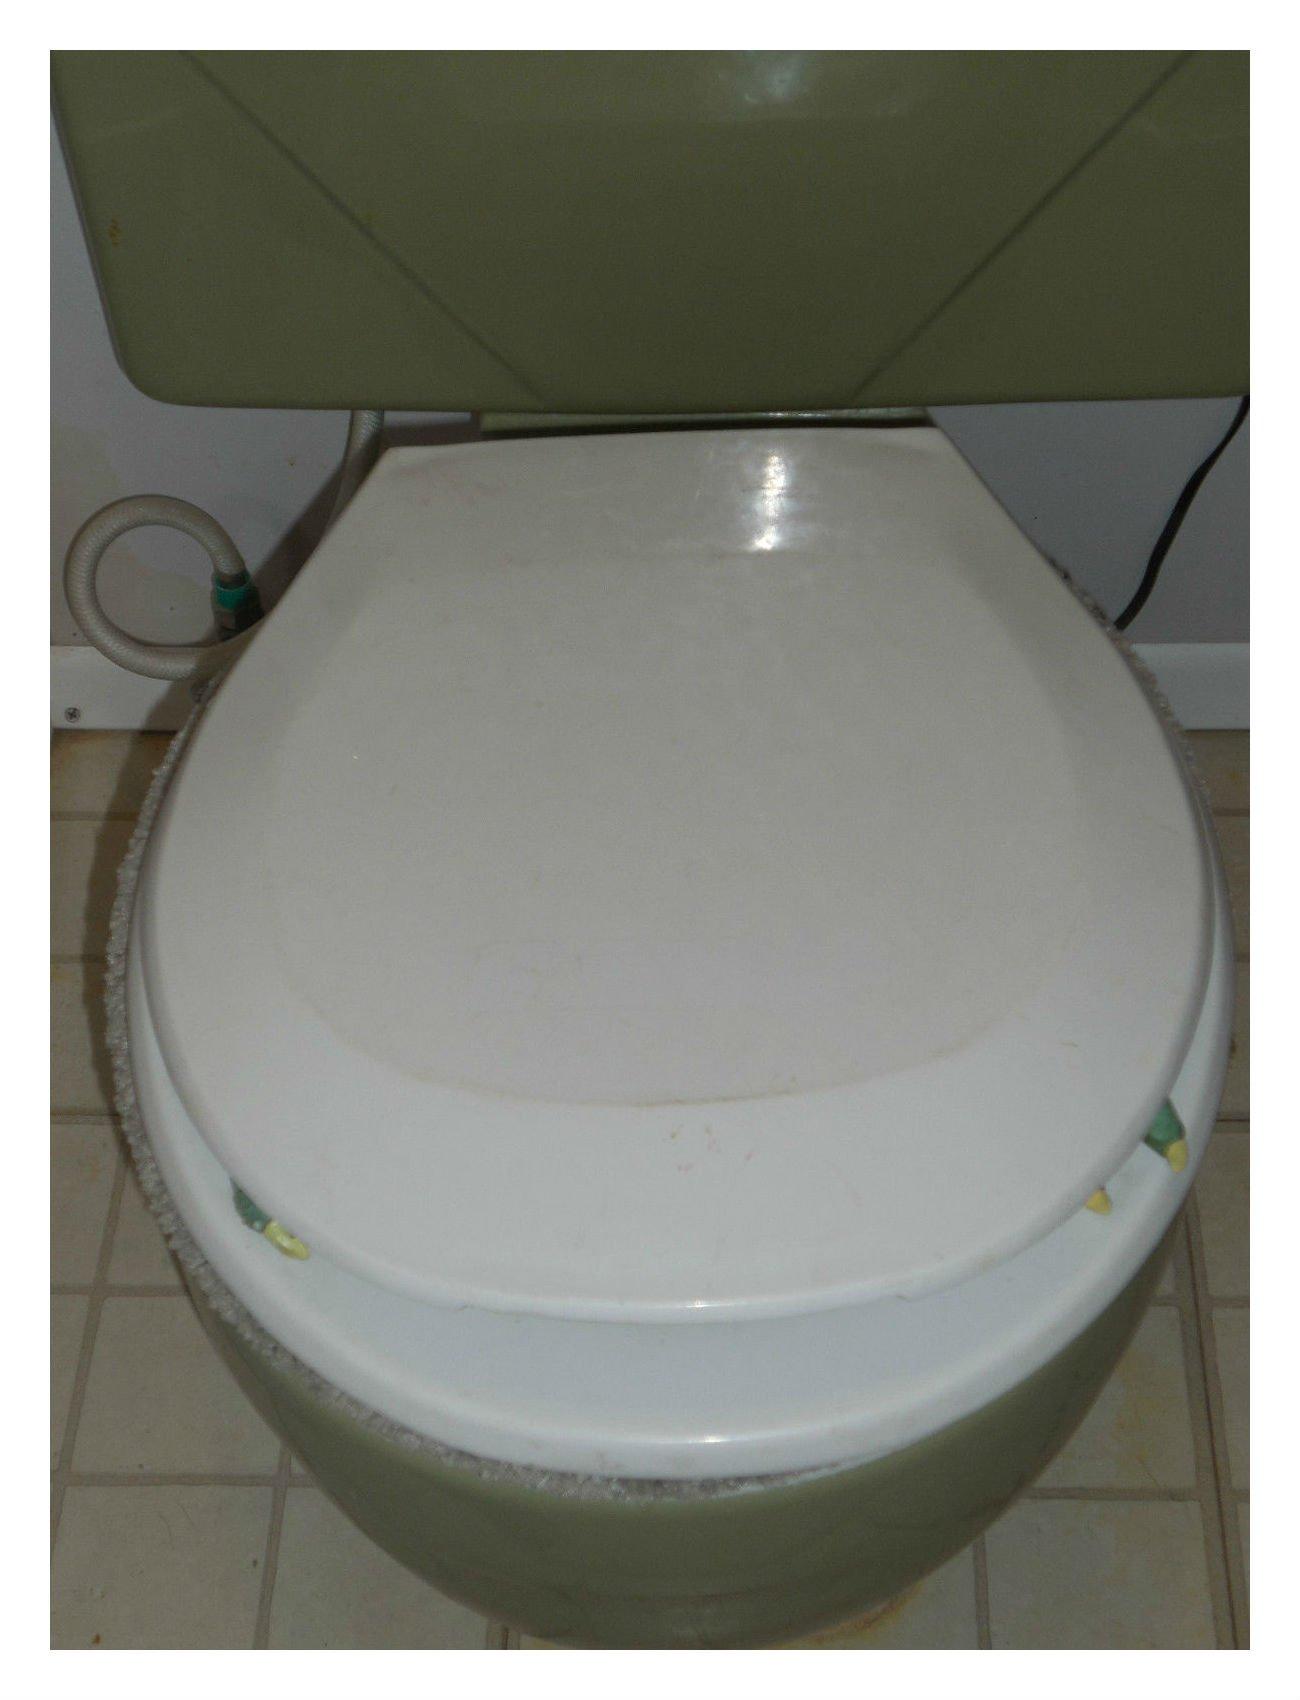 Newest Toilet Prank Gag Bog Monster by Unbranded (Image #2)